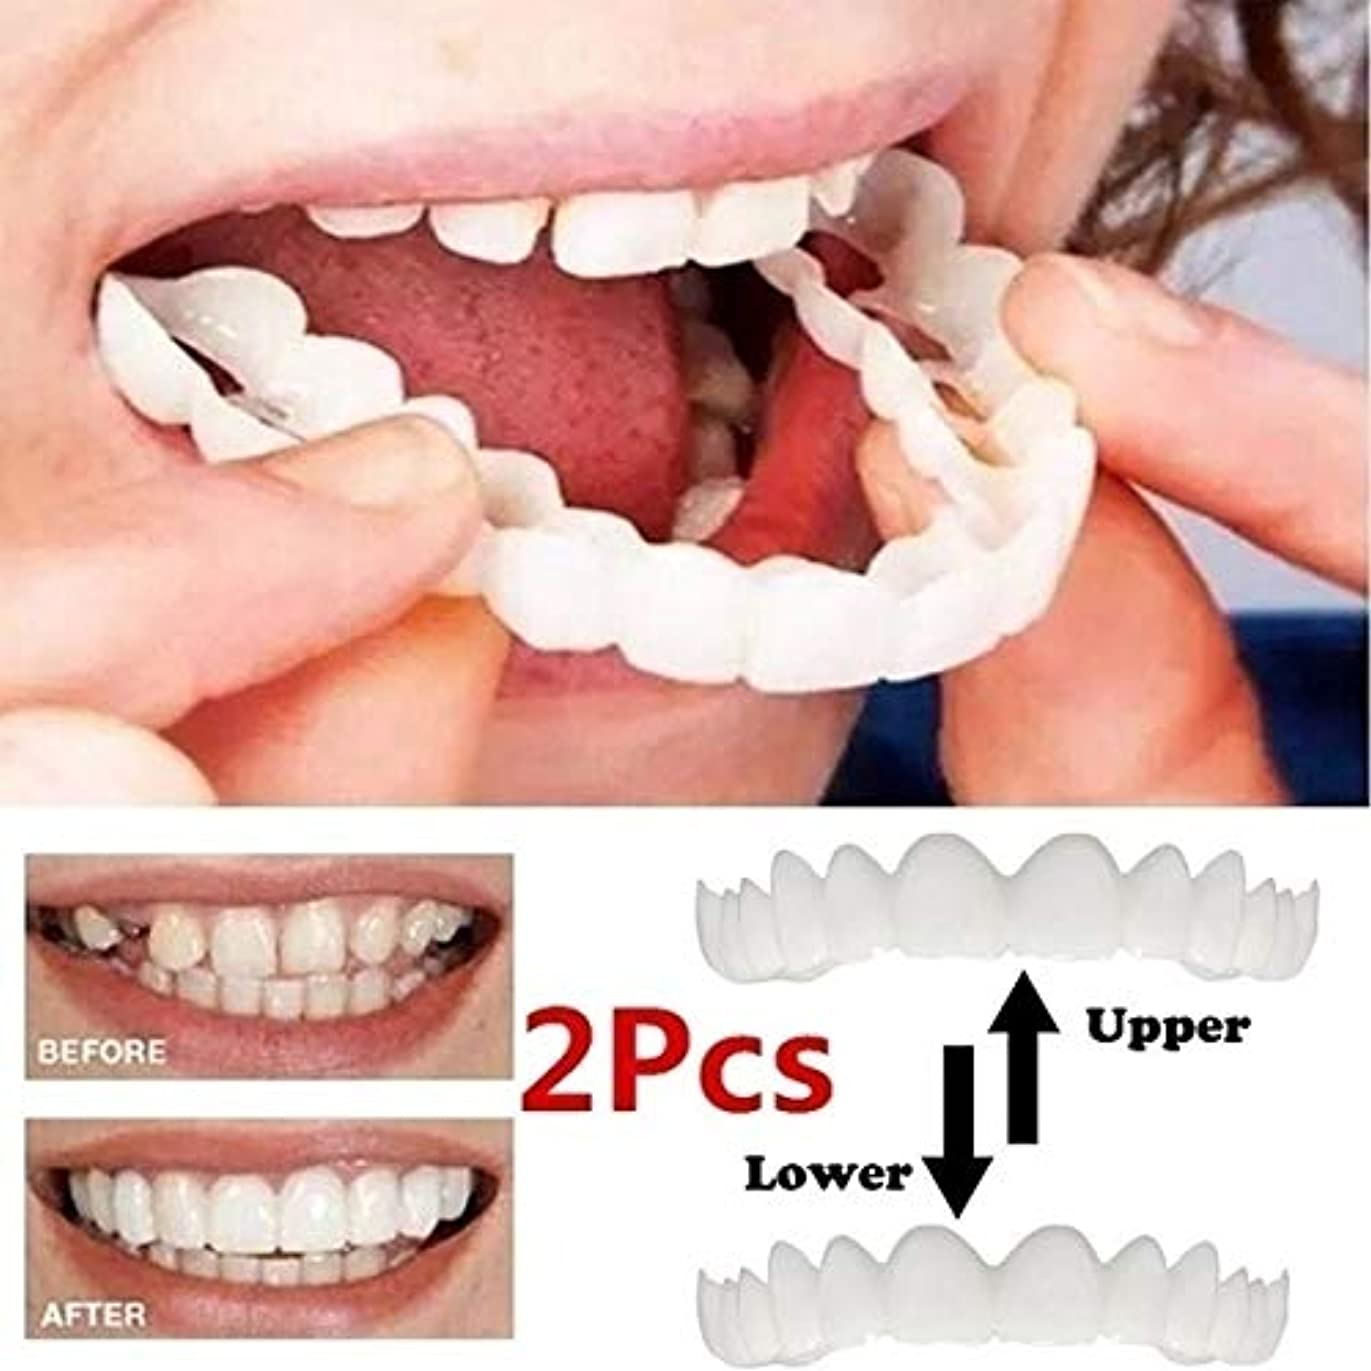 答え辞書貯水池一時的な笑顔の快適さフィット化粧品の歯義歯のベニヤ歯の快適さフィットフレックス化粧品の歯の上の歯のベニヤと下のベニヤ - 歯のベニヤ